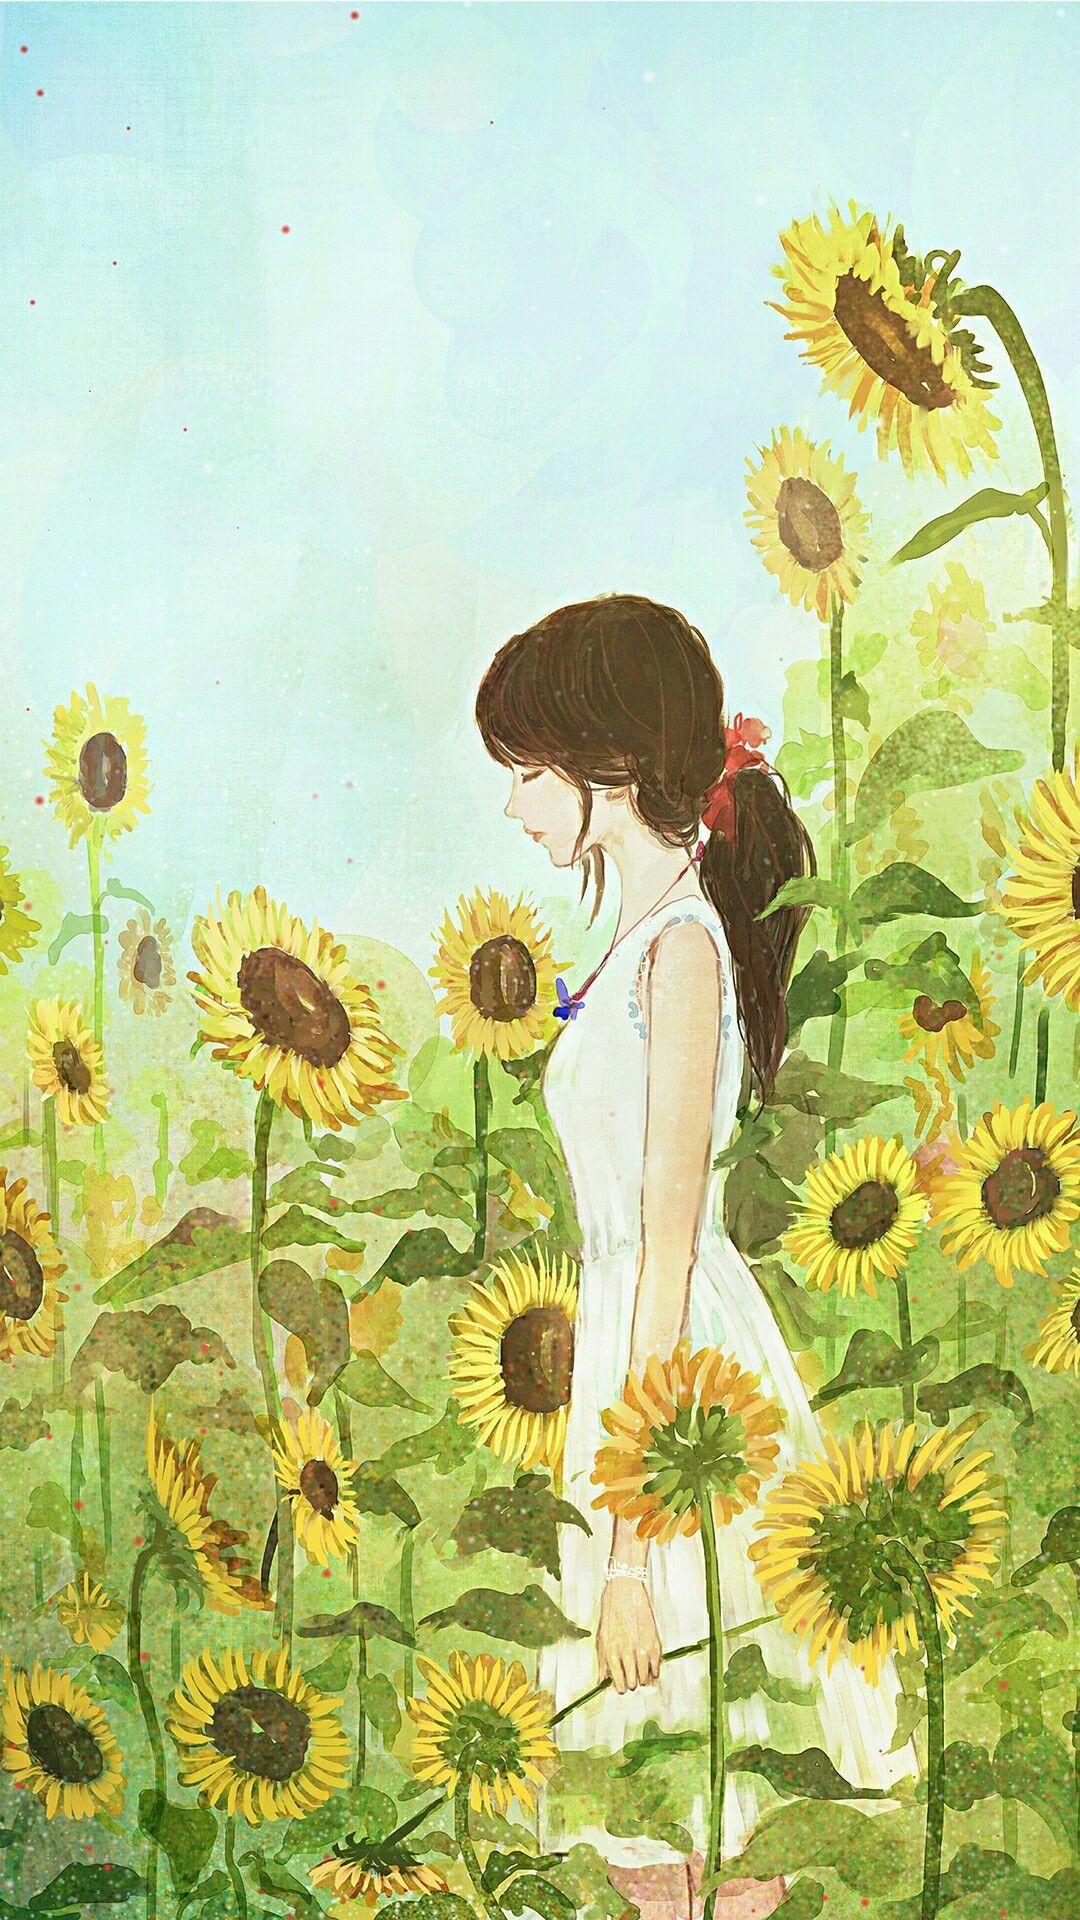 소녀 일러스트with sunflower